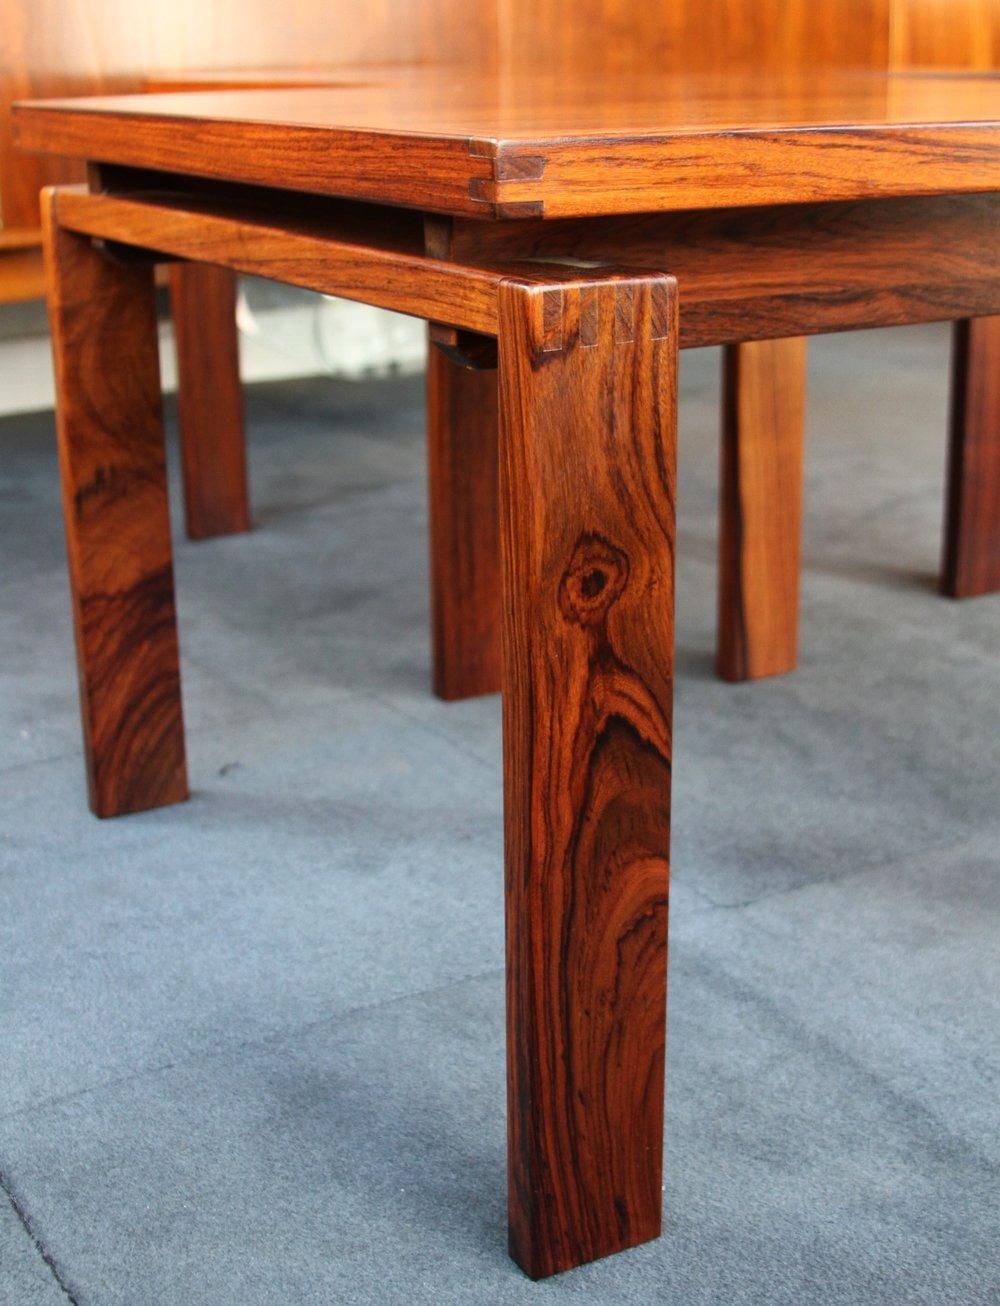 rosewood-trioh-tables-danish-1970s-1.jpg